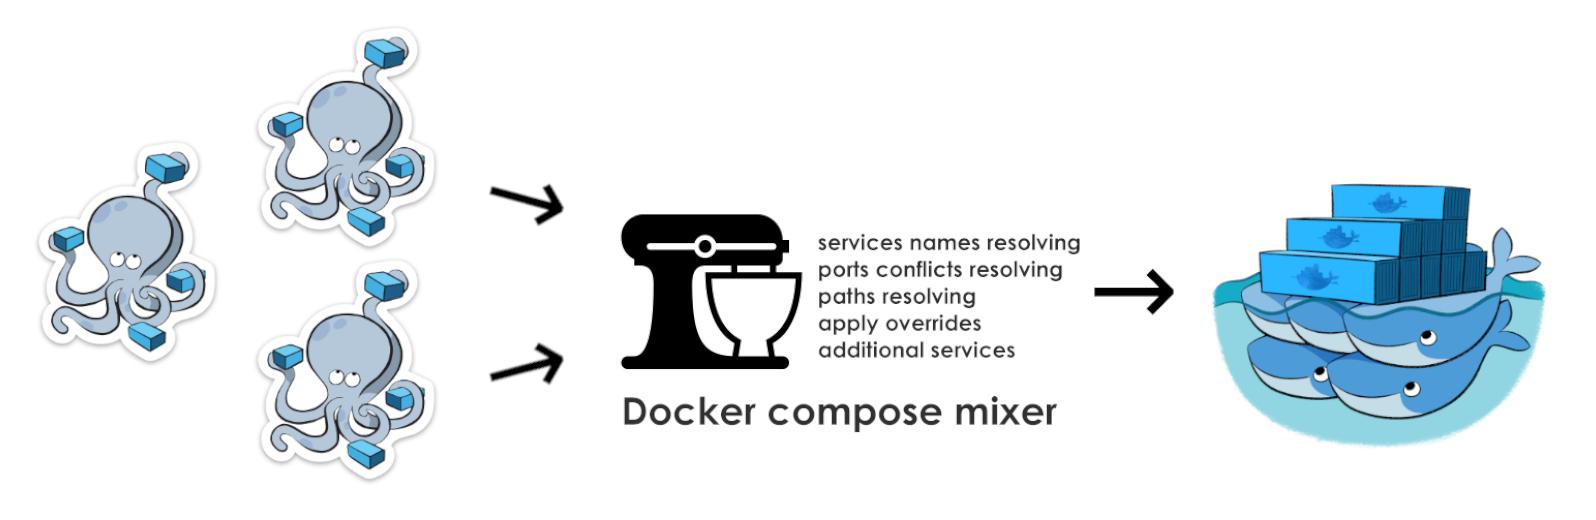 Docker compose и объединение проектов с помощью mixer-a - 1